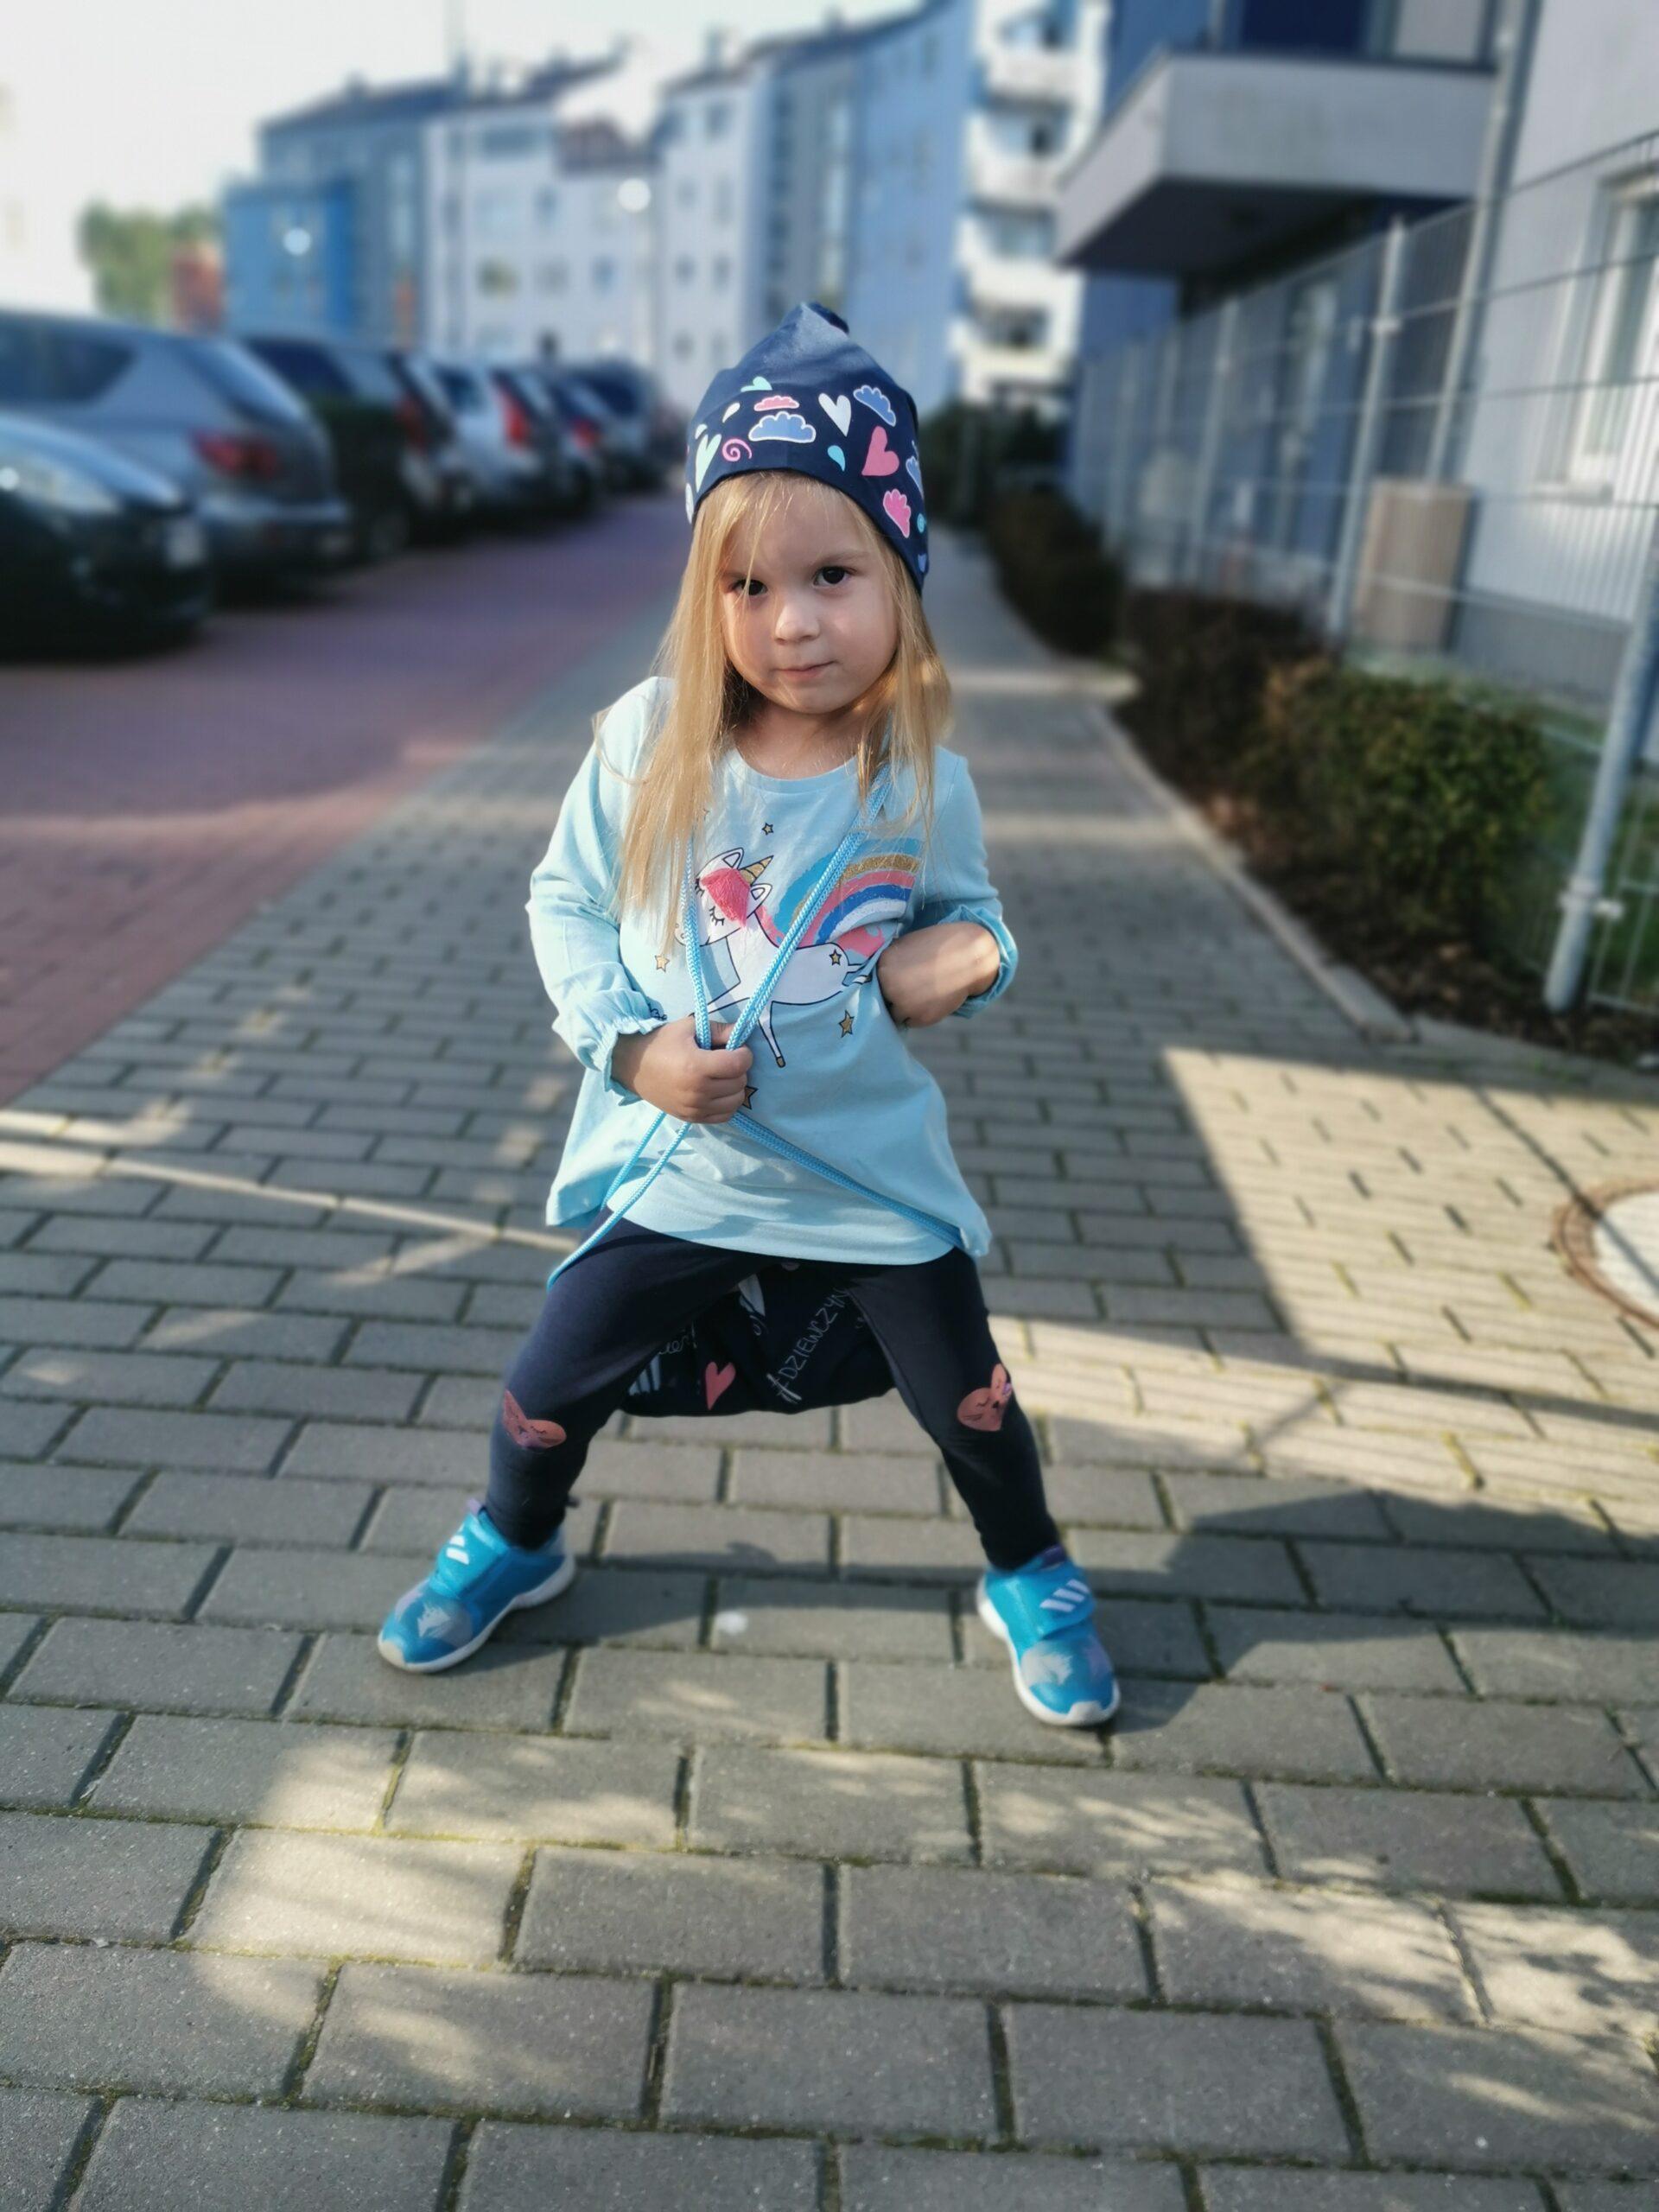 Mała dziewczynka w granatowej czapce pozująca do zdjęcia na chodniku.